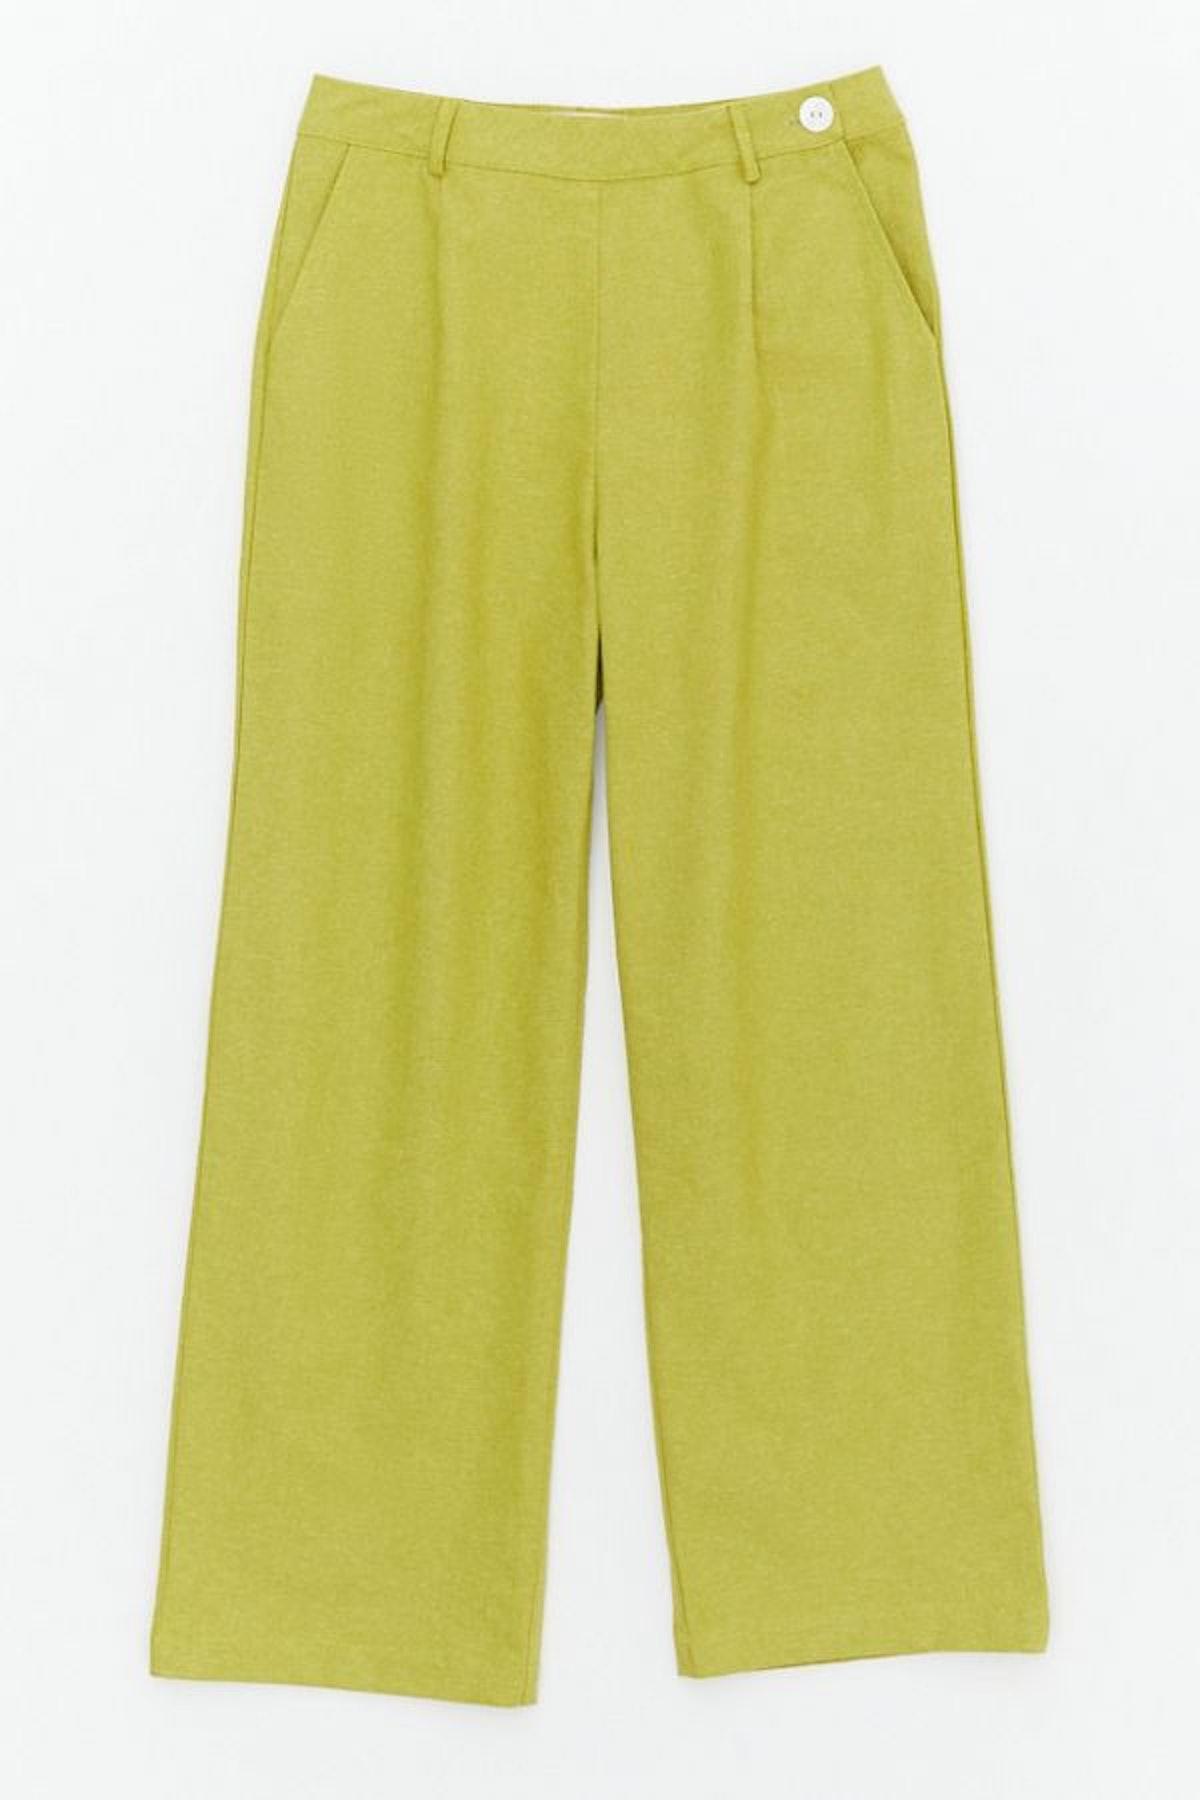 Lisa Says Gah Melinda Linen Trouser Pant